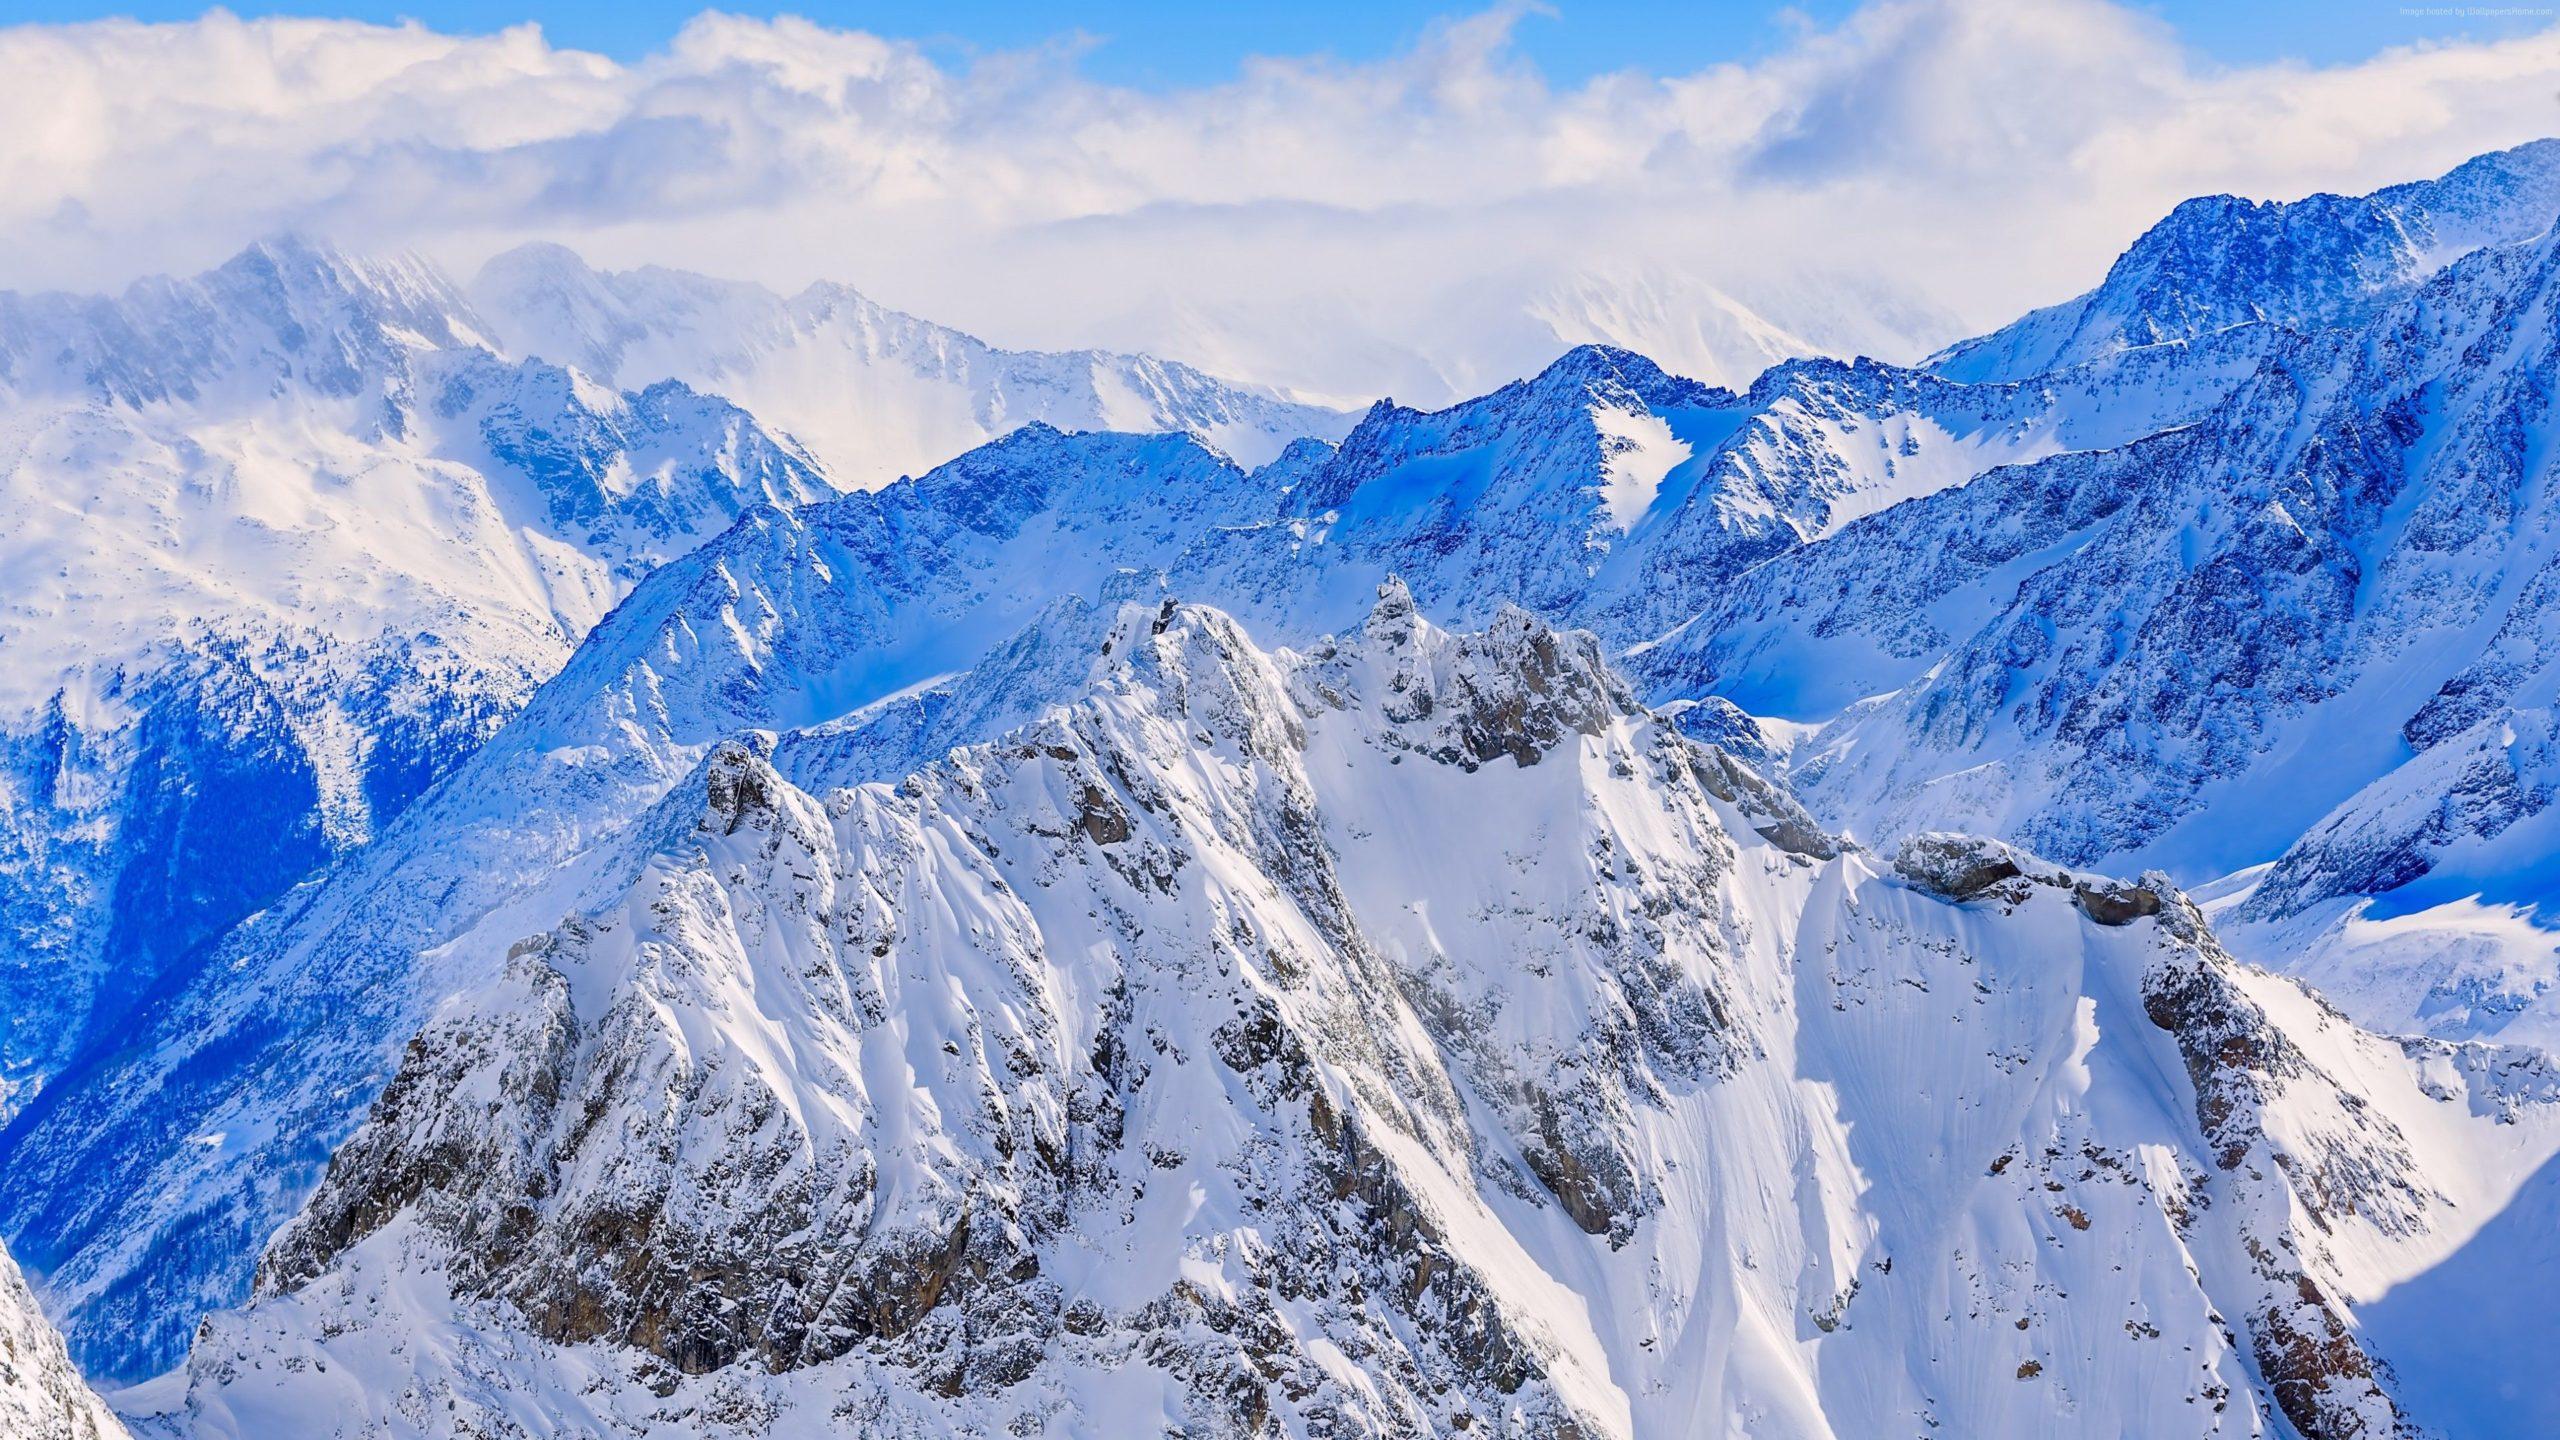 switzerland mountains images